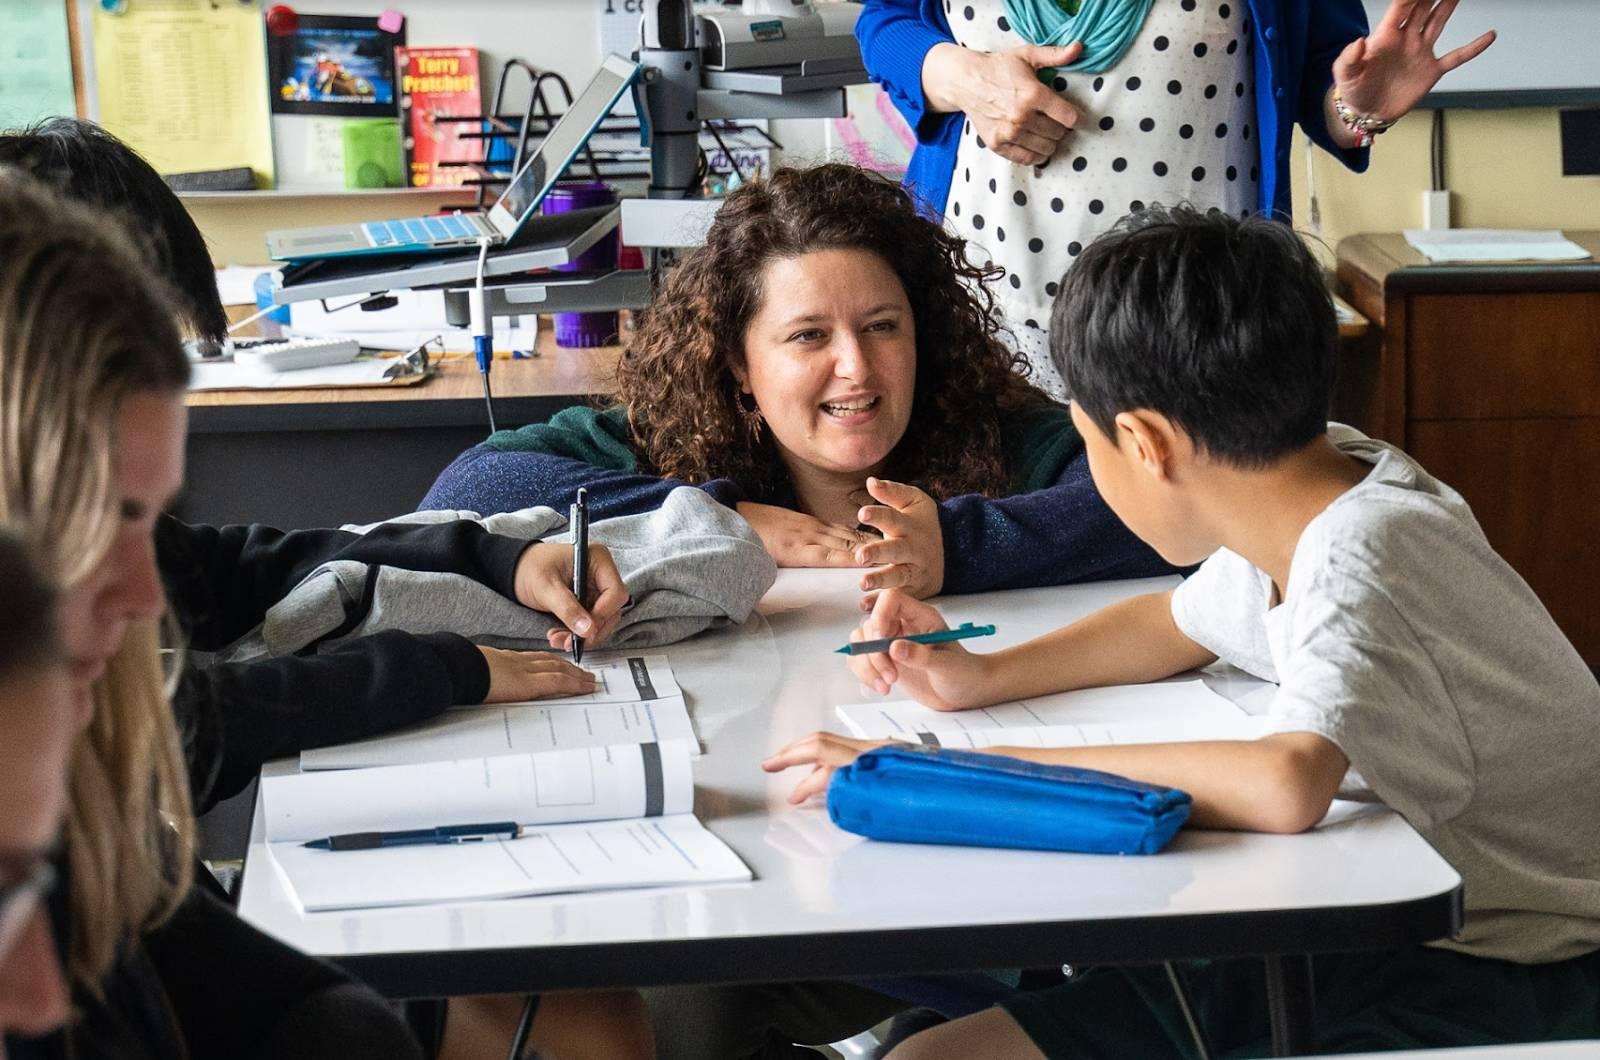 教室で中学生と一緒に取り組んでいる Salesforce のボランティア。